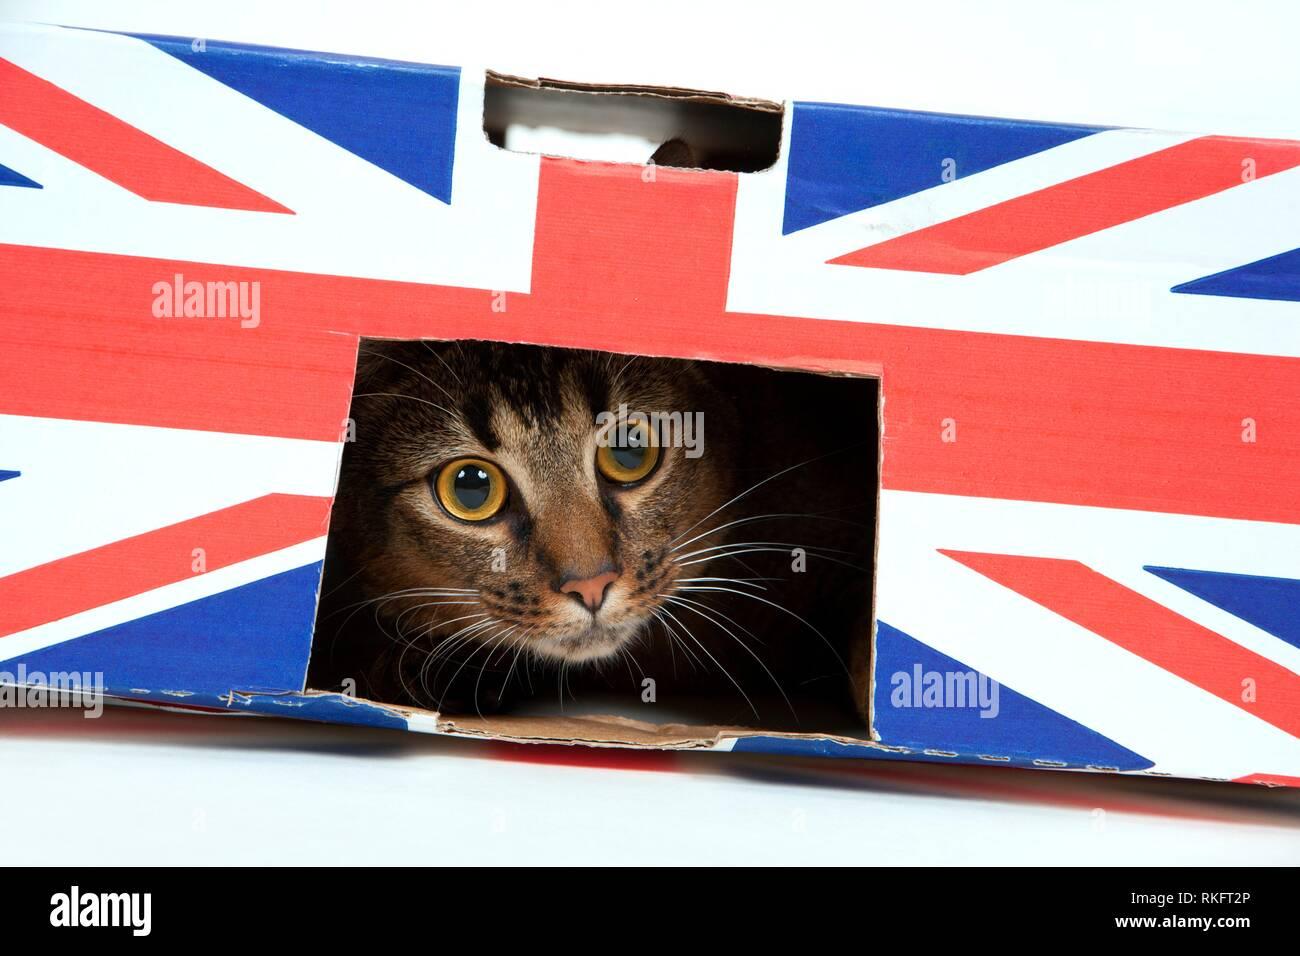 Cute wide-eyed parte abisinio macho joven gato juega en una caja de cartón marcada Union Jack. Foto de stock